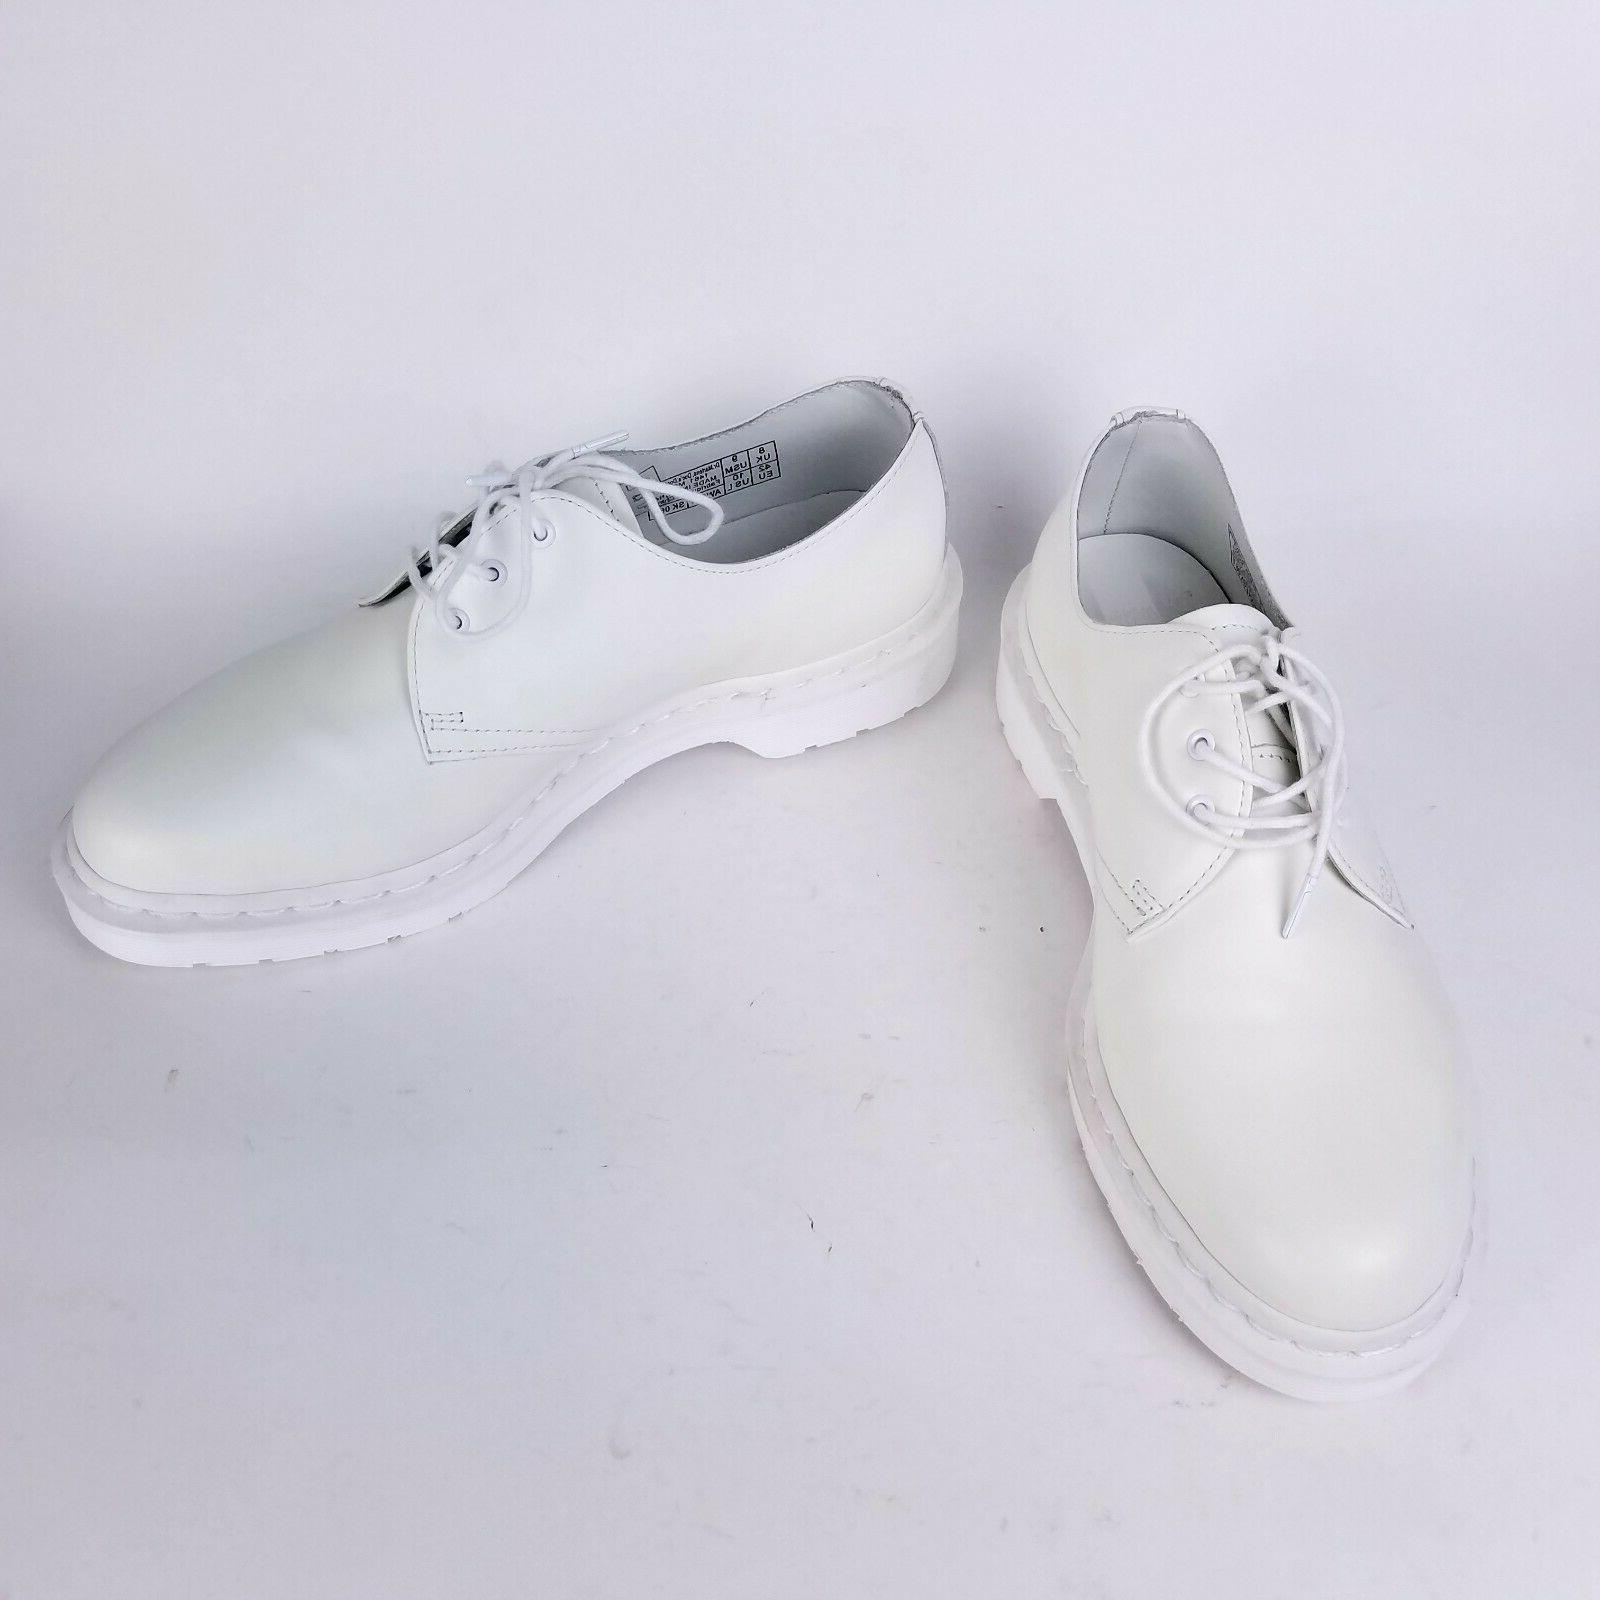 Dr Martens 1461 shoes size